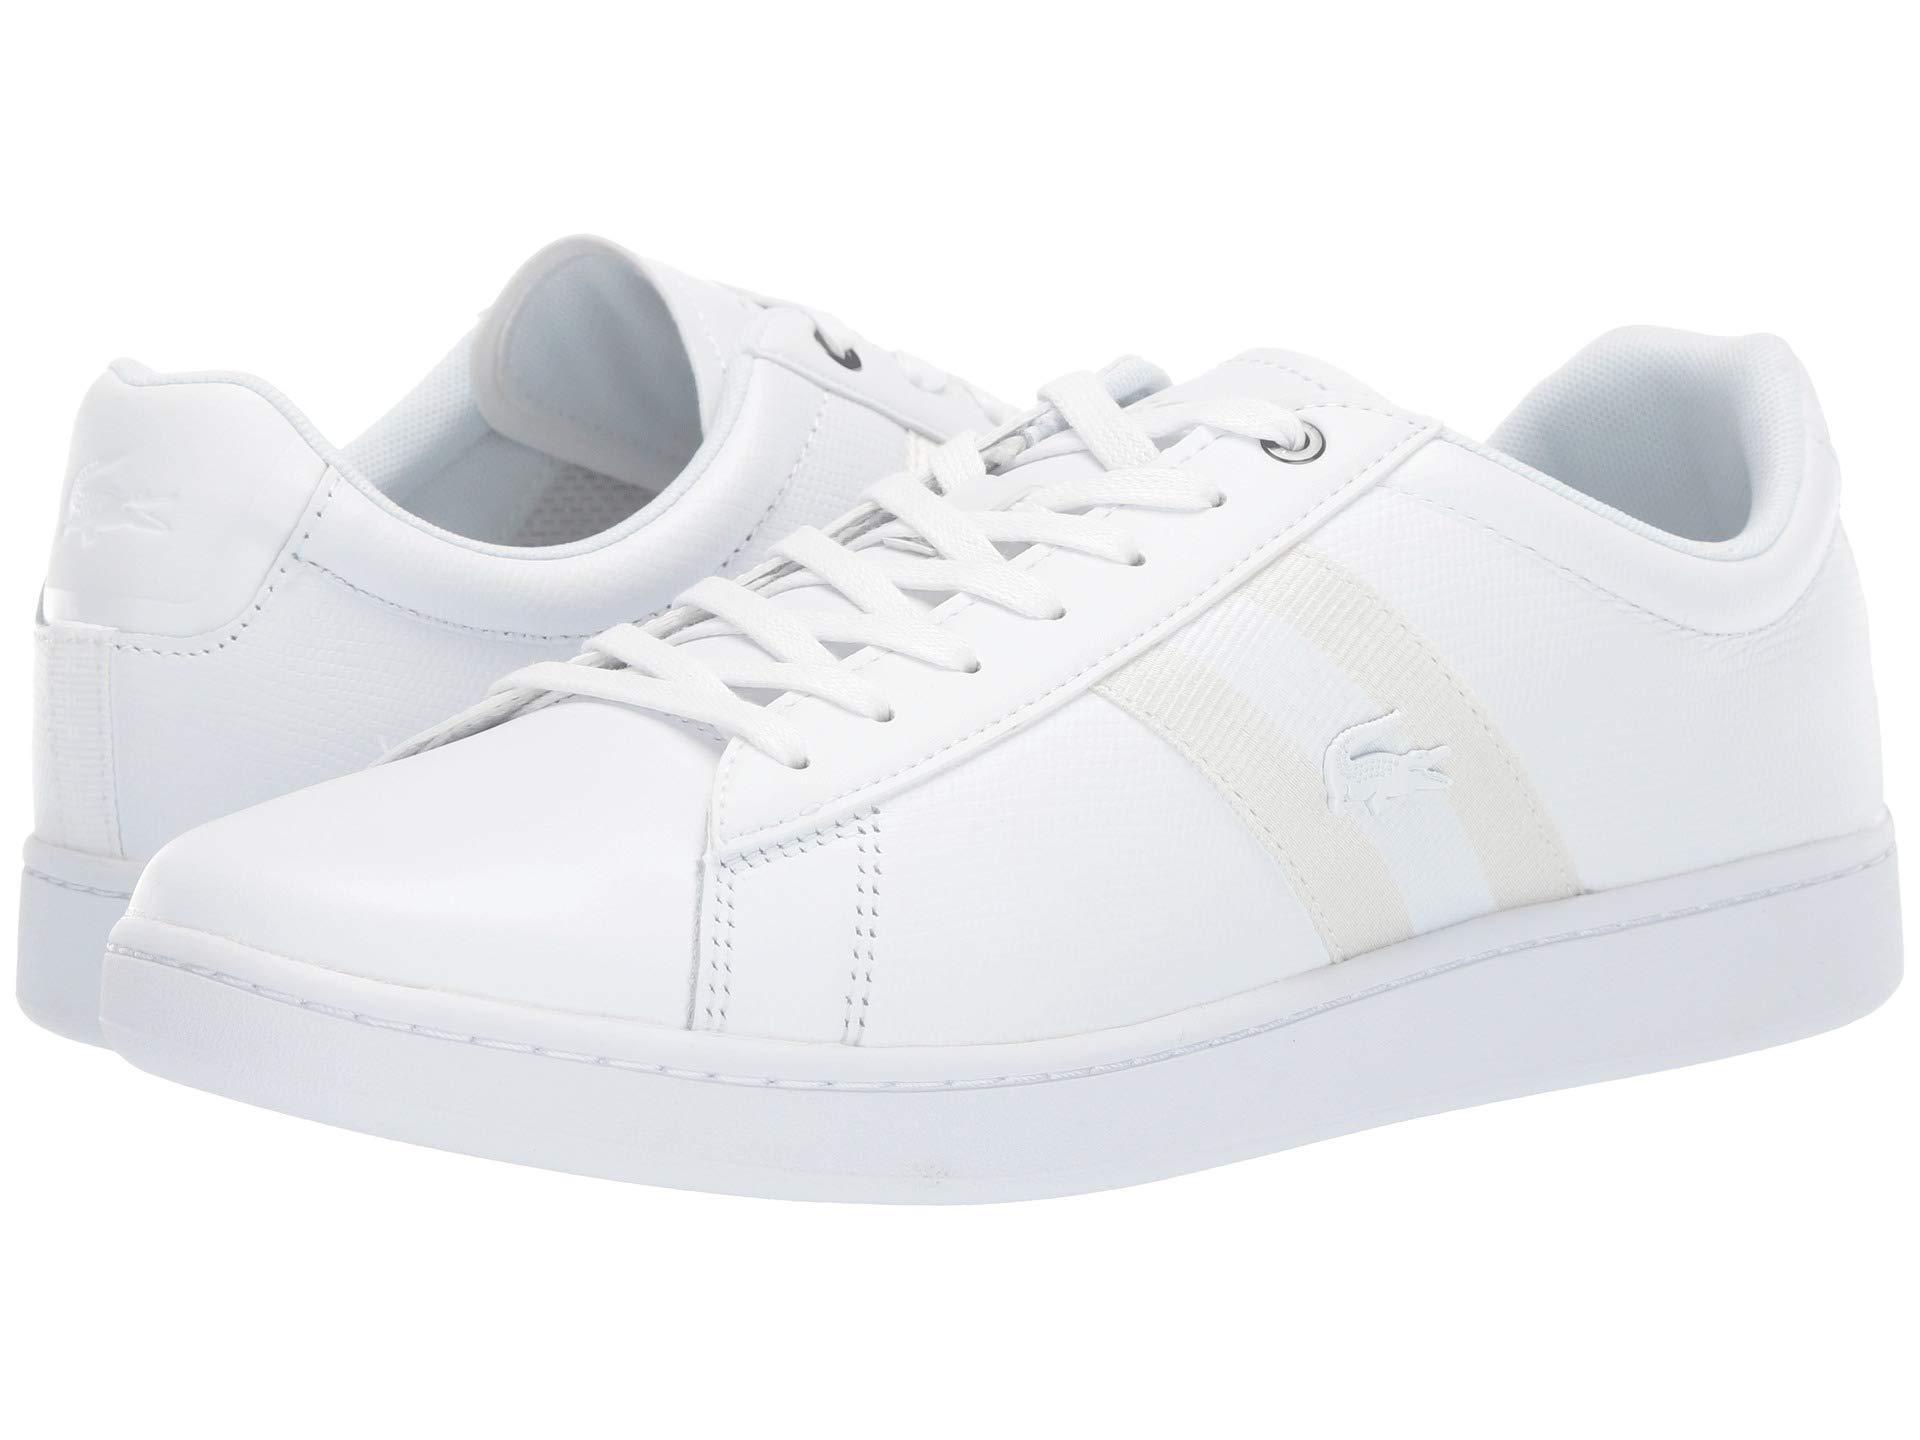 d54d714d5 Men's White Carnaby Evo 119 5 Sma